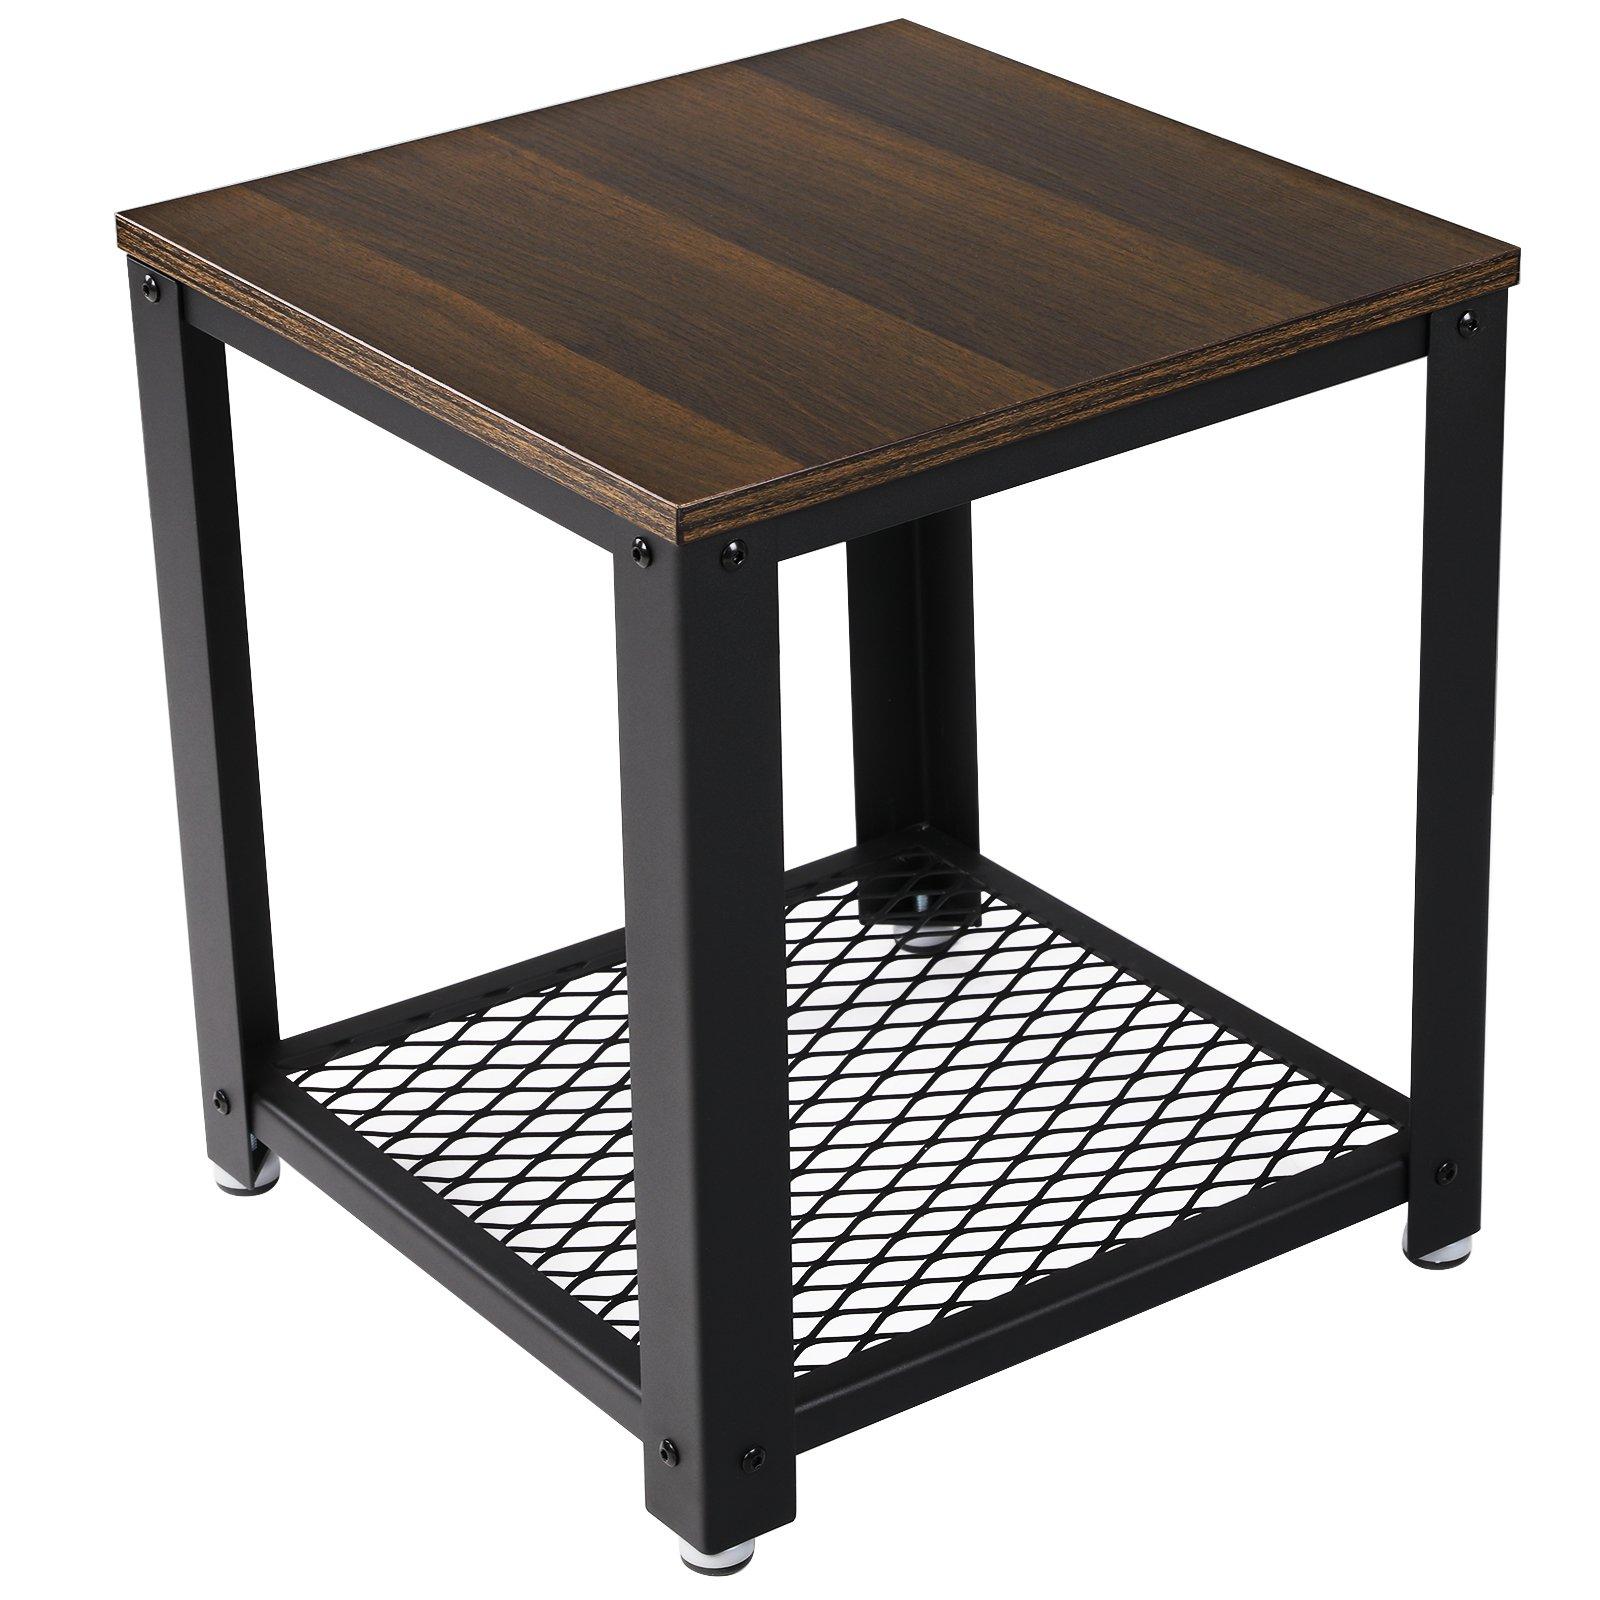 VASAGLE 2-Tier End Square-Frame Side Table with Metal Grate Shelf Dark Walnut ULET41K by VASAGLE